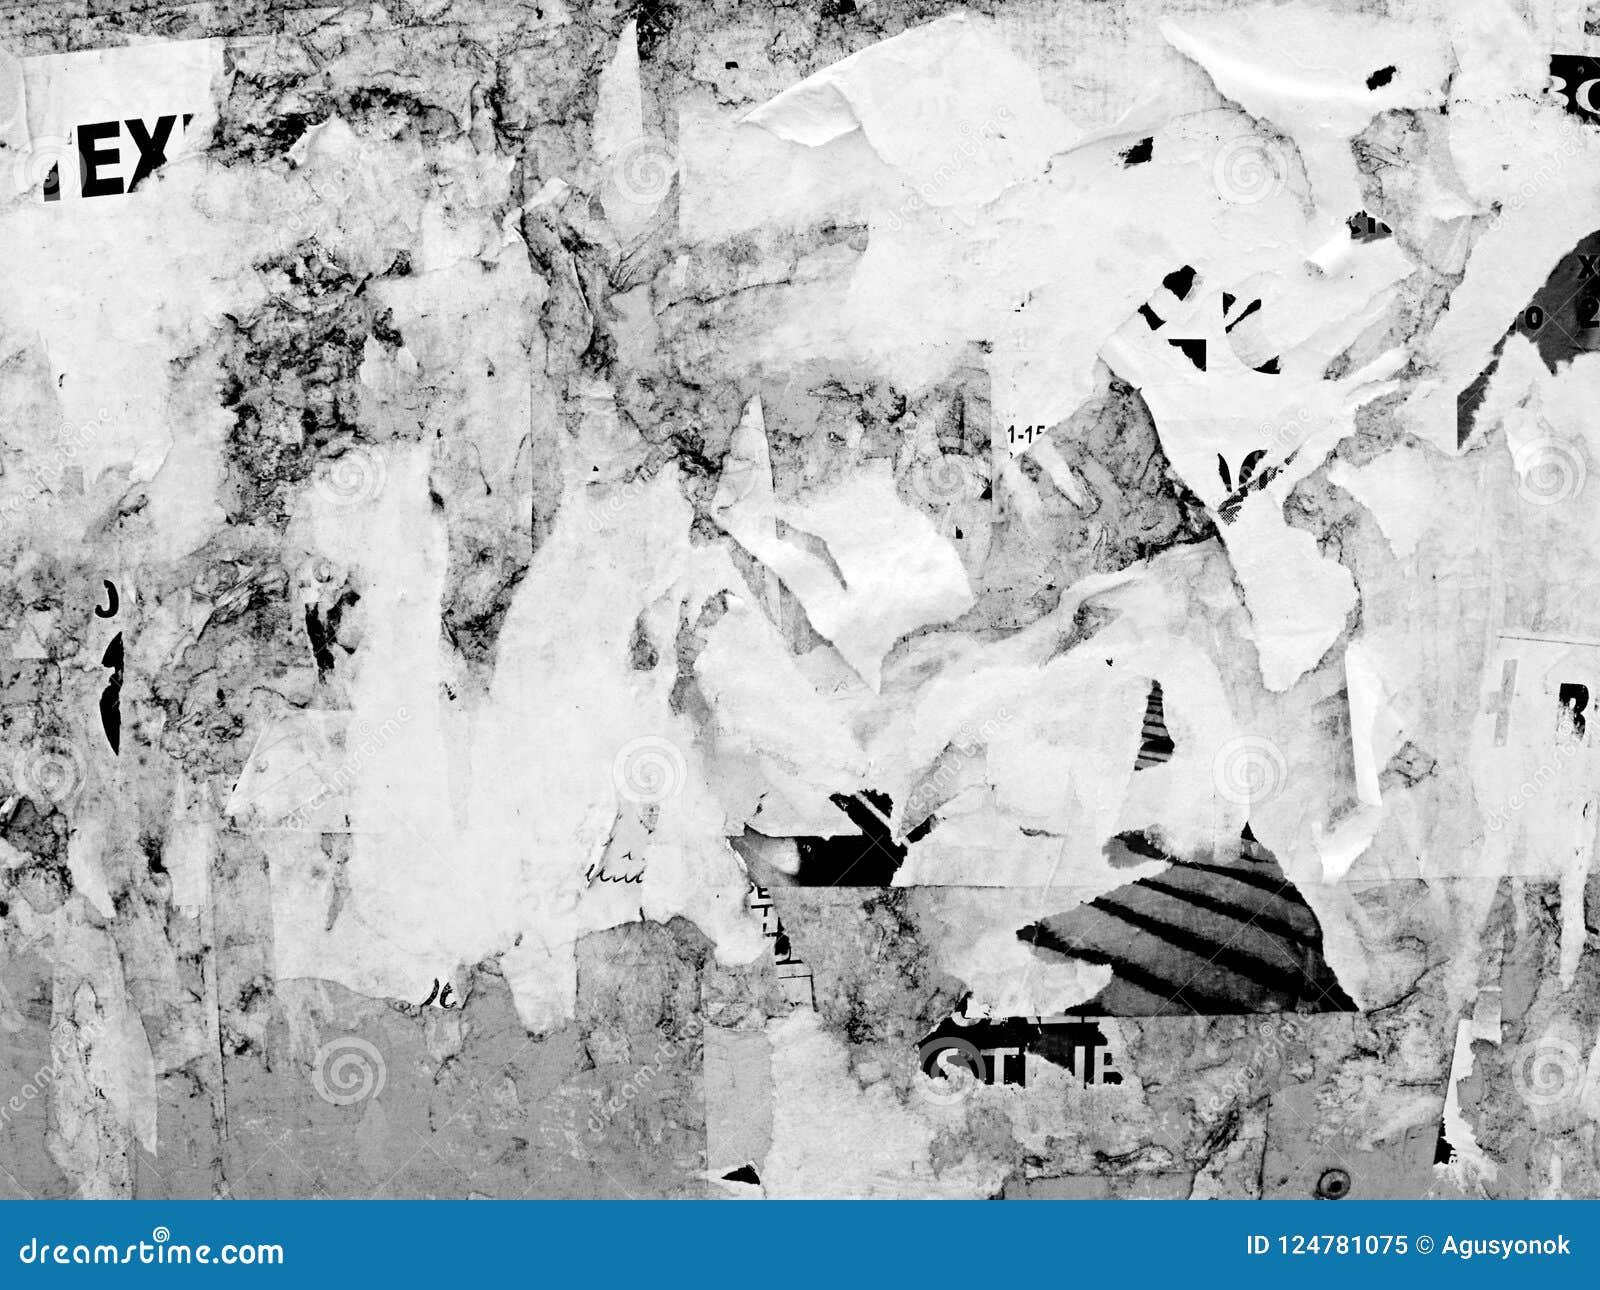 Το εκλεκτής ποιότητας παλαιό γρατσουνισμένο διαφήμισης Grunge έγγραφο αφισών τοίχων σχισμένο πίνακας διαφημίσεων, αστικό υπόβαθρο